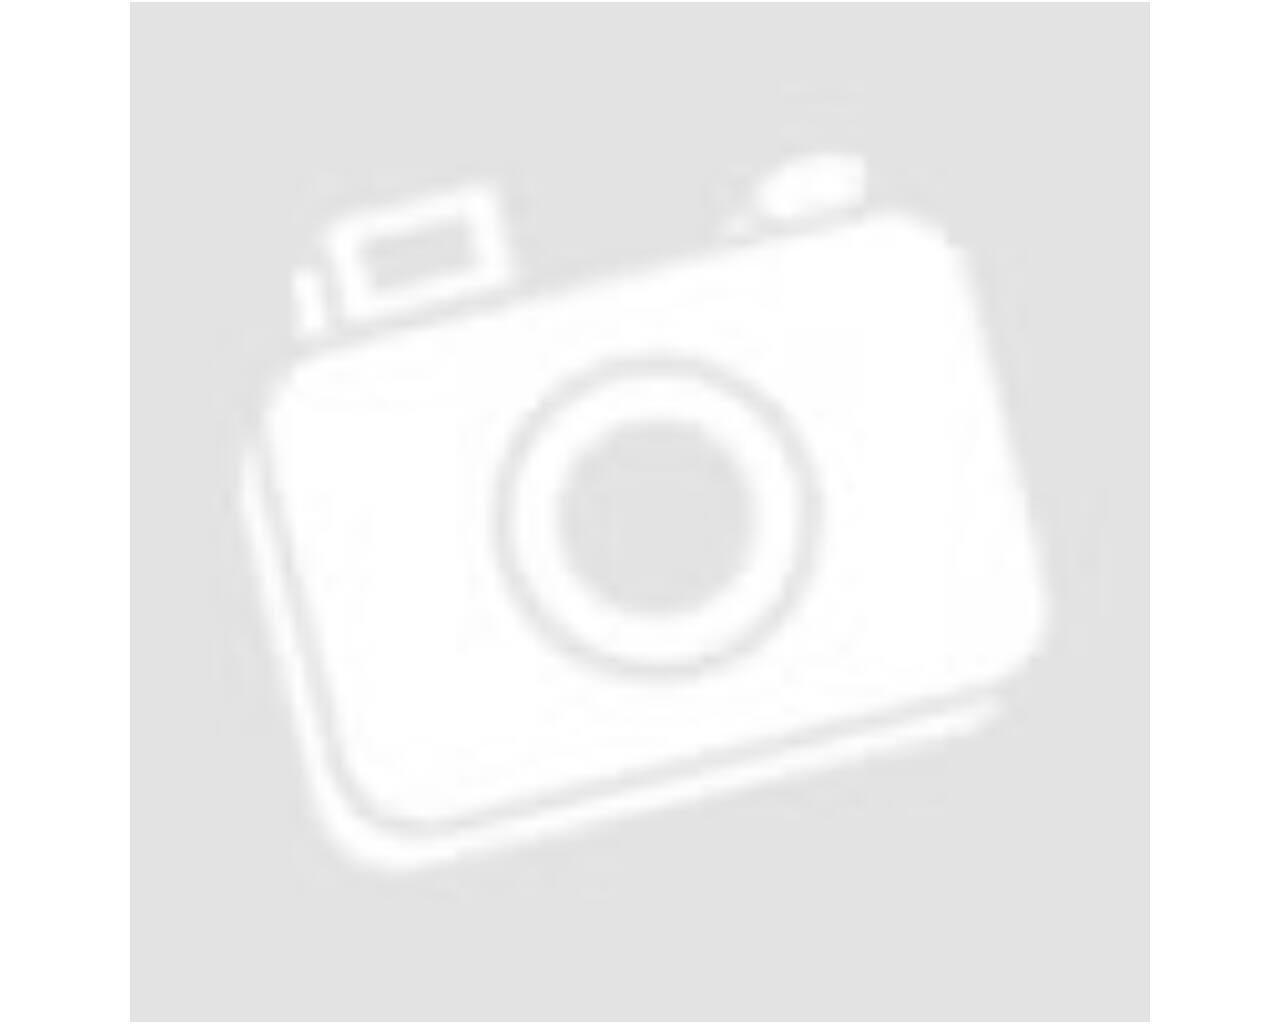 Járólap laminált mintázat Acero bézs 33,9 x 47,3 cm